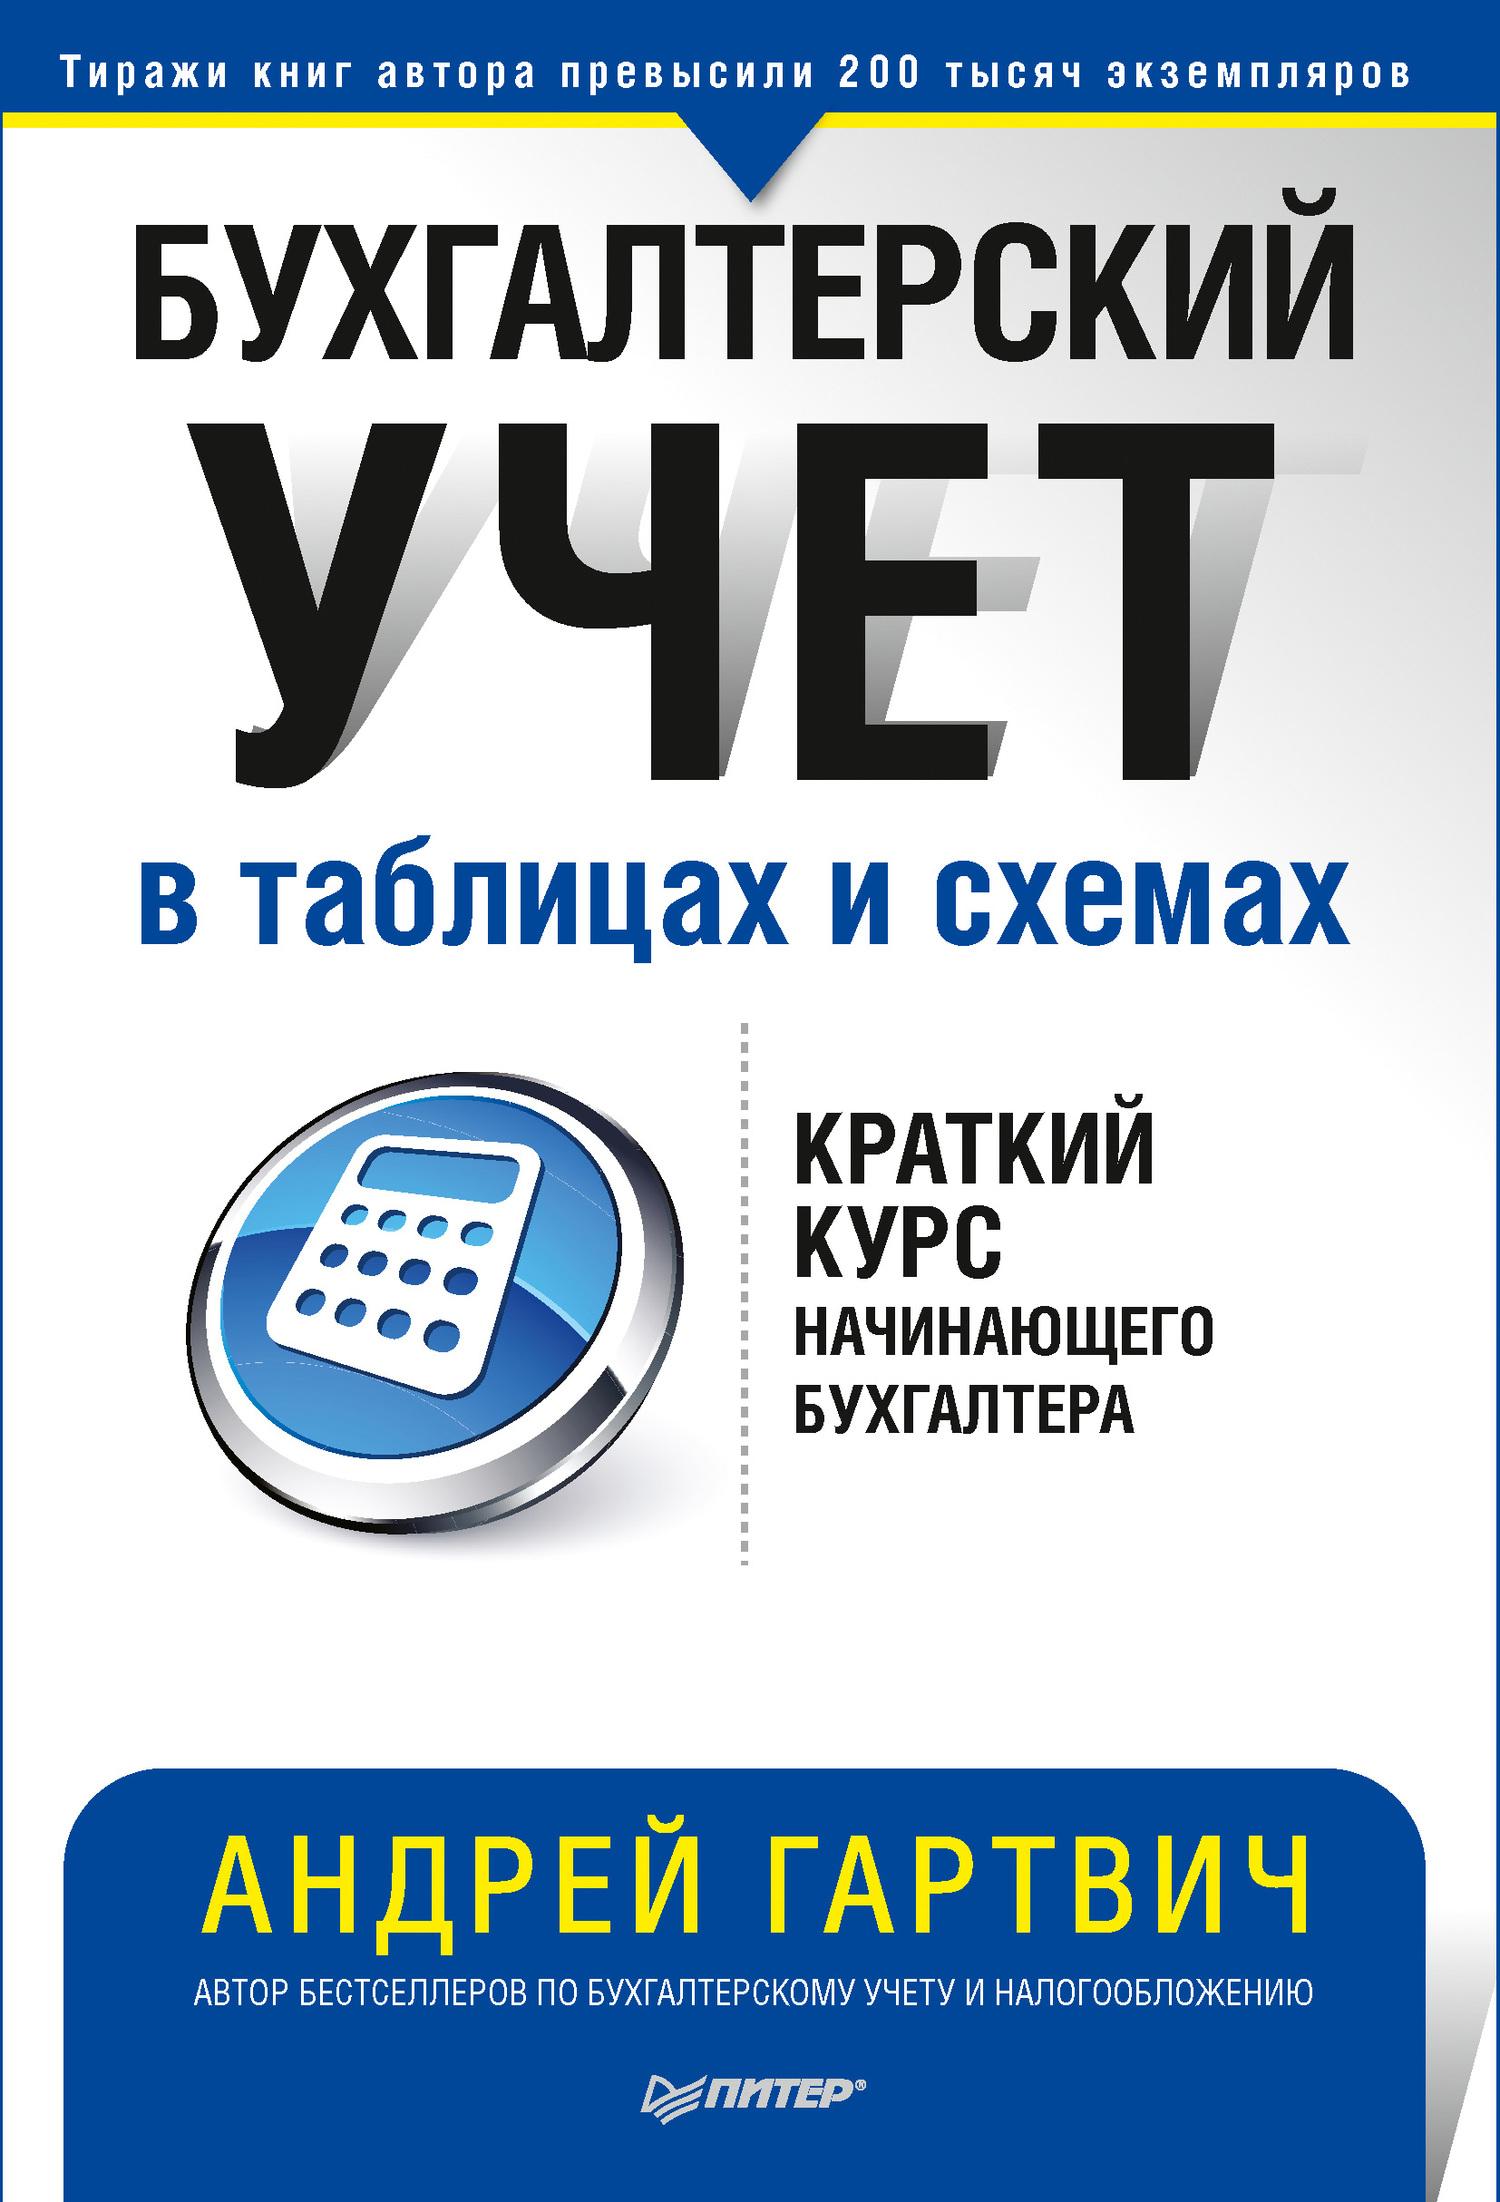 Обложка книги Бухгалтерский учет в таблицах и схемах, автор Андрей Гартвич